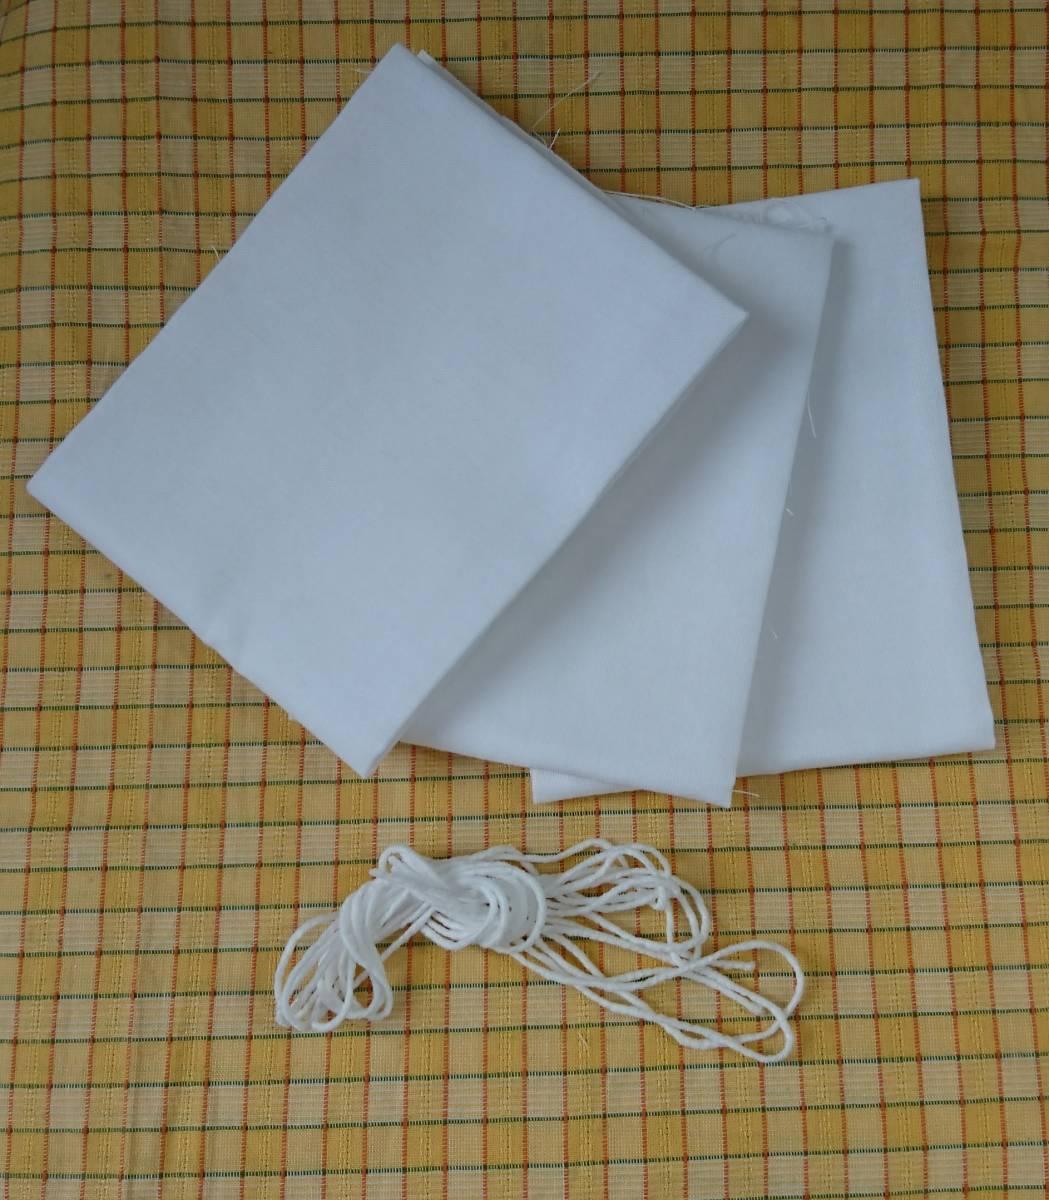 マスクゴム3m セット シングルガーゼ 一重 生地 はぎれ 3枚 マスク作りに 白 ホワイト ハンドメイド 手作り 送料無料 材料